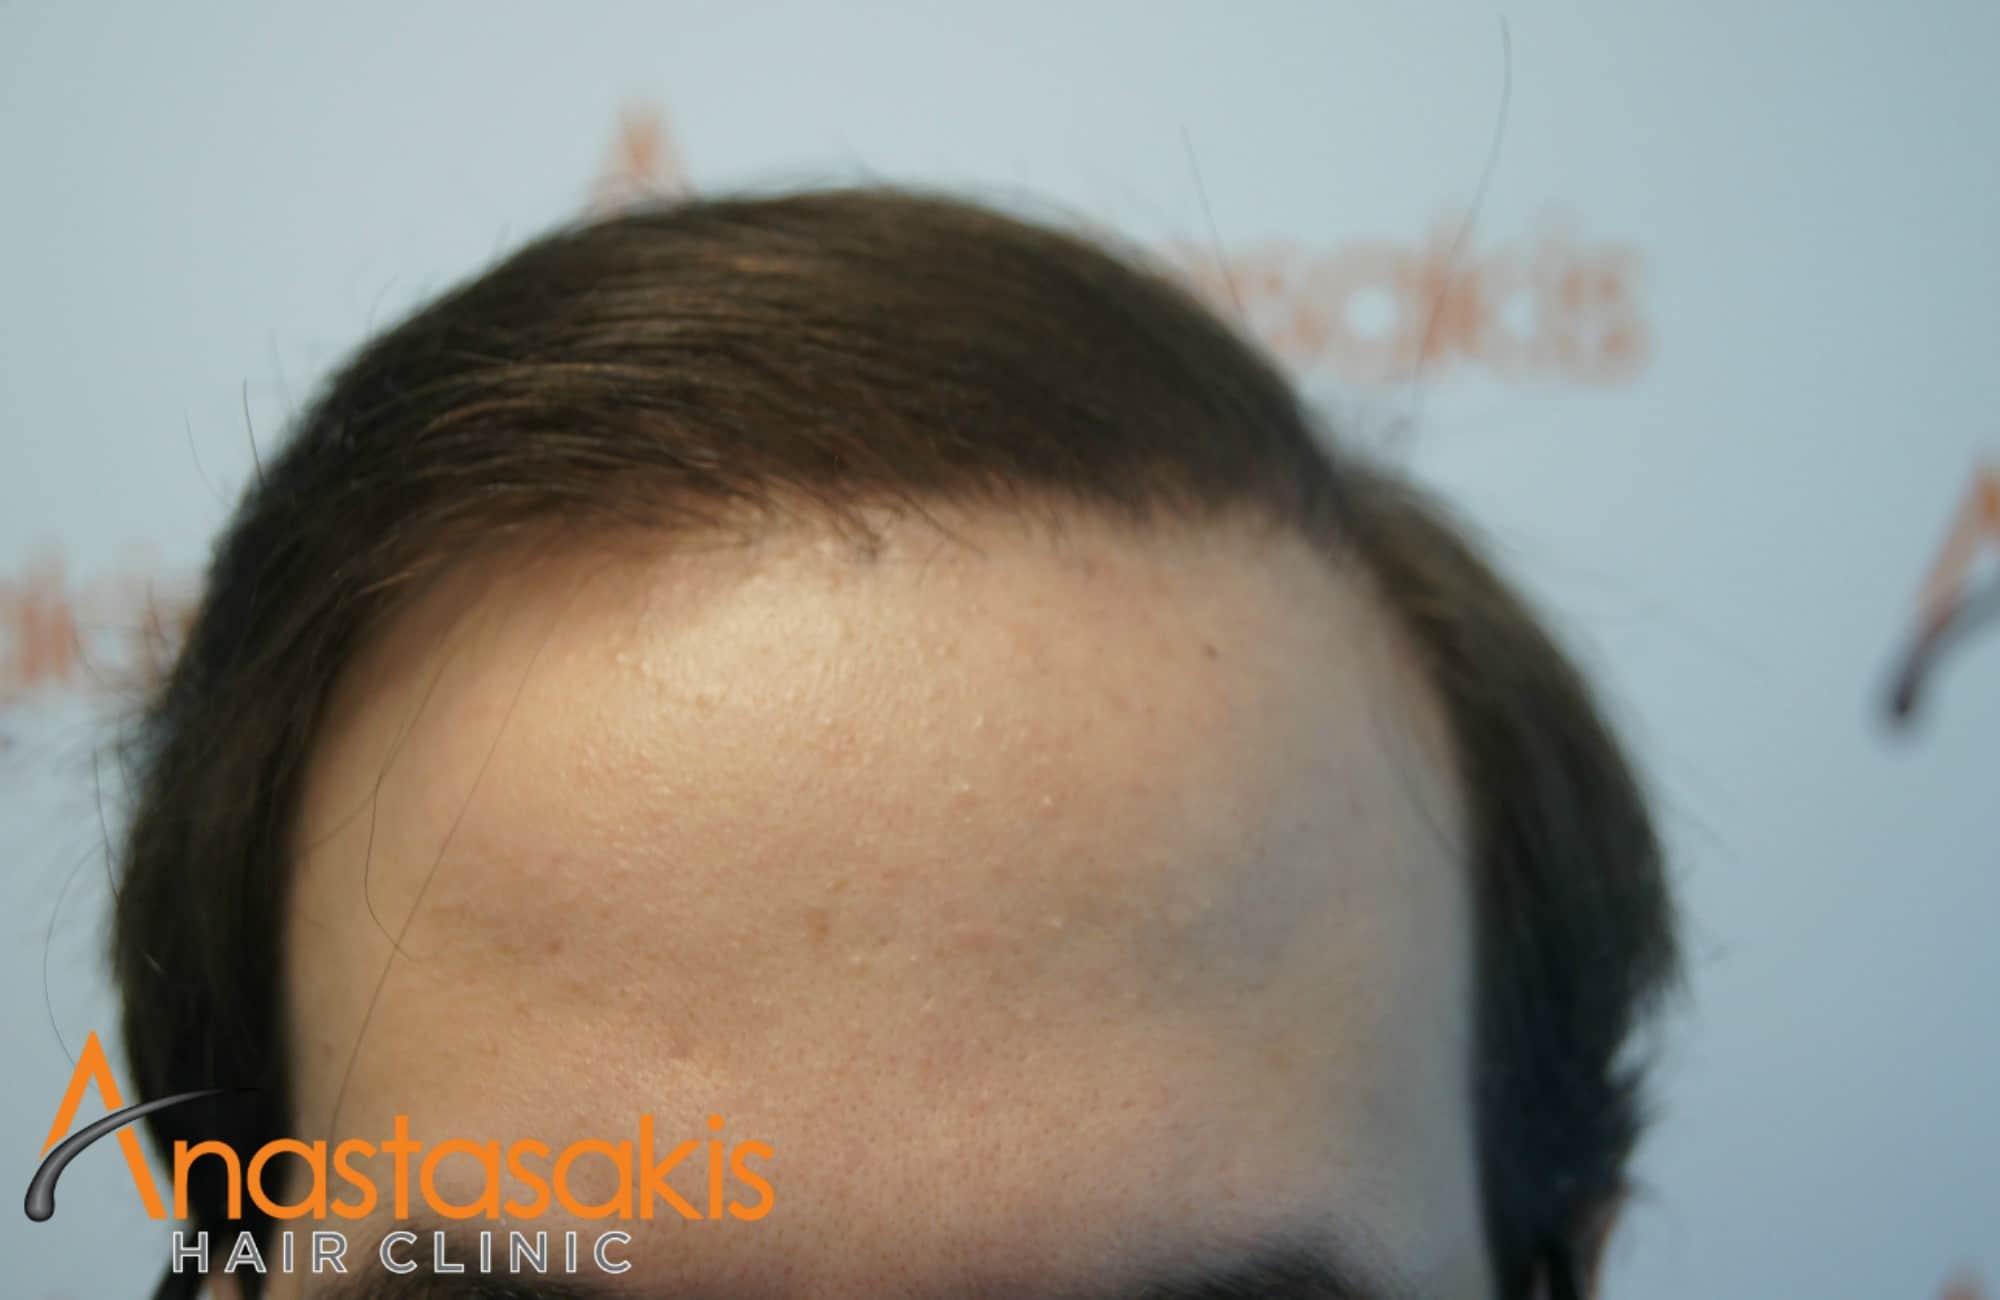 hairline ασθενους μετα τη μεταμοσχευση μαλλιων με 3500 fus